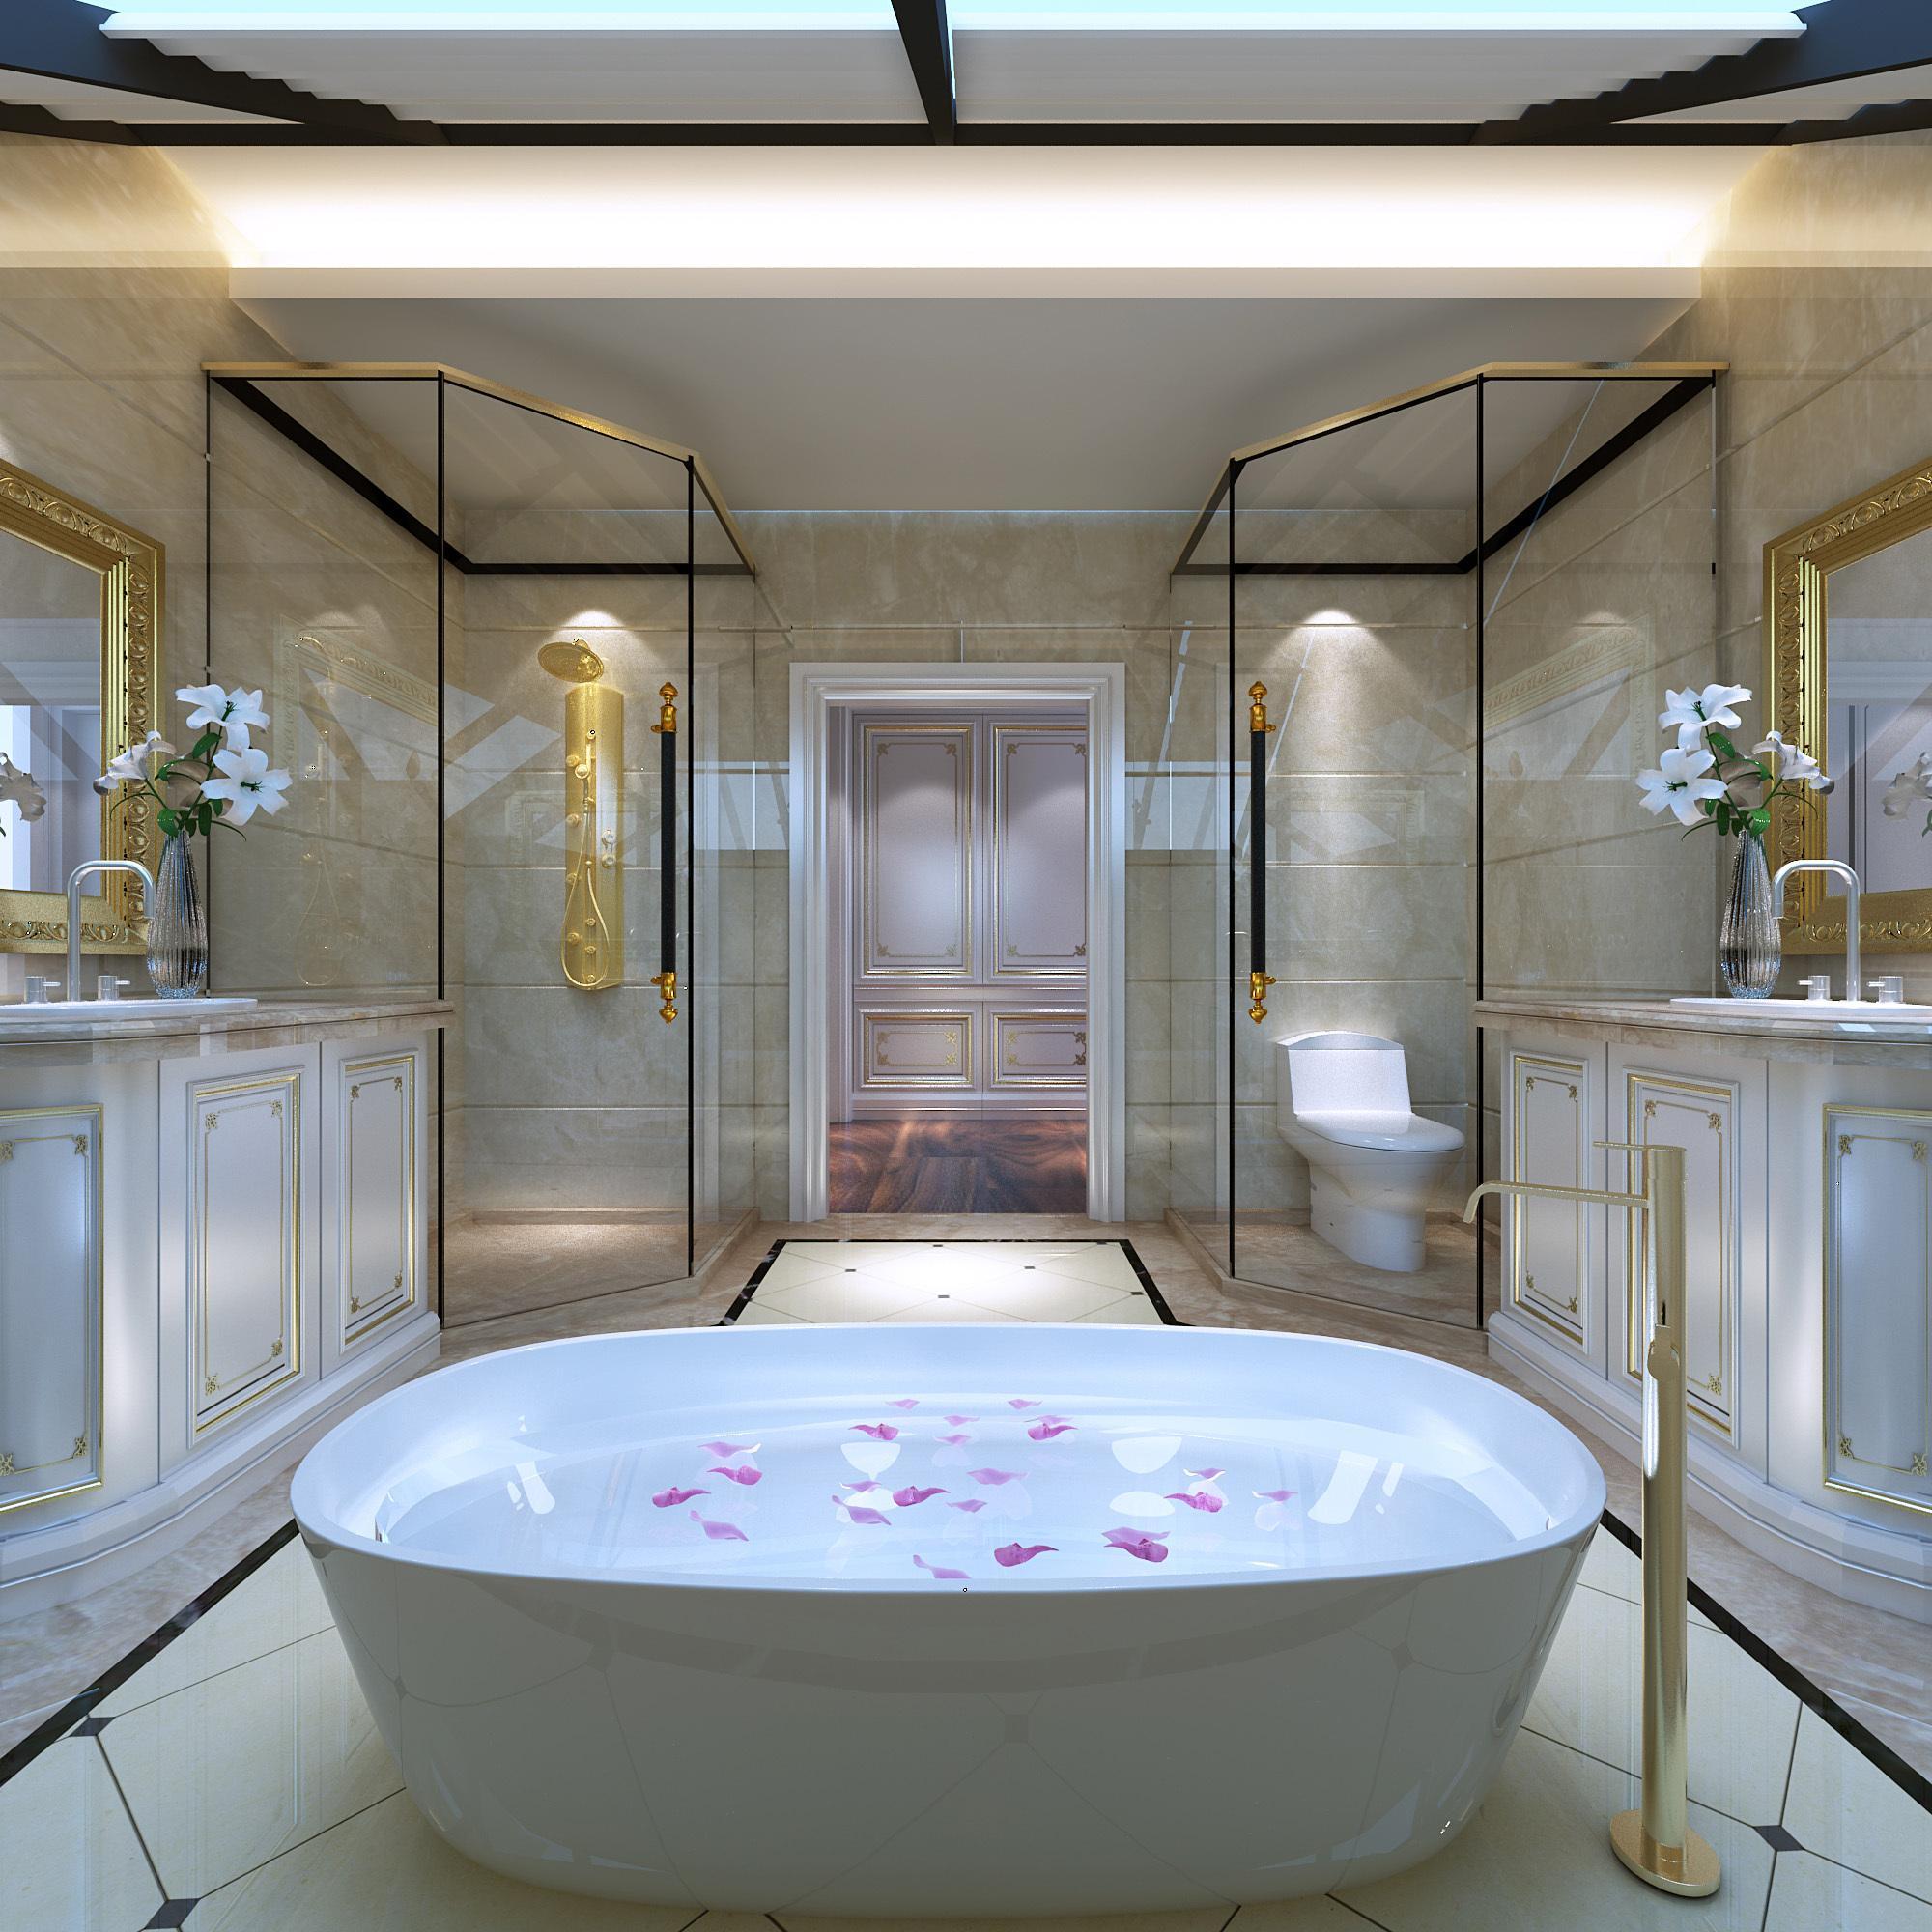 卫生间窗户的采光功用并不重要,其重点在于通风透气.